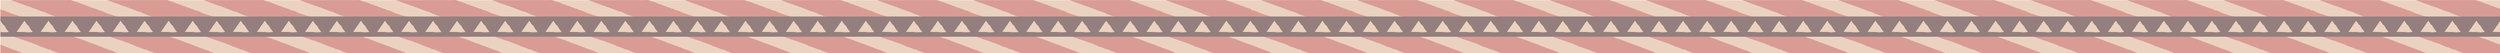 Dbl-Border-pink-300dpi_RBG.jpg